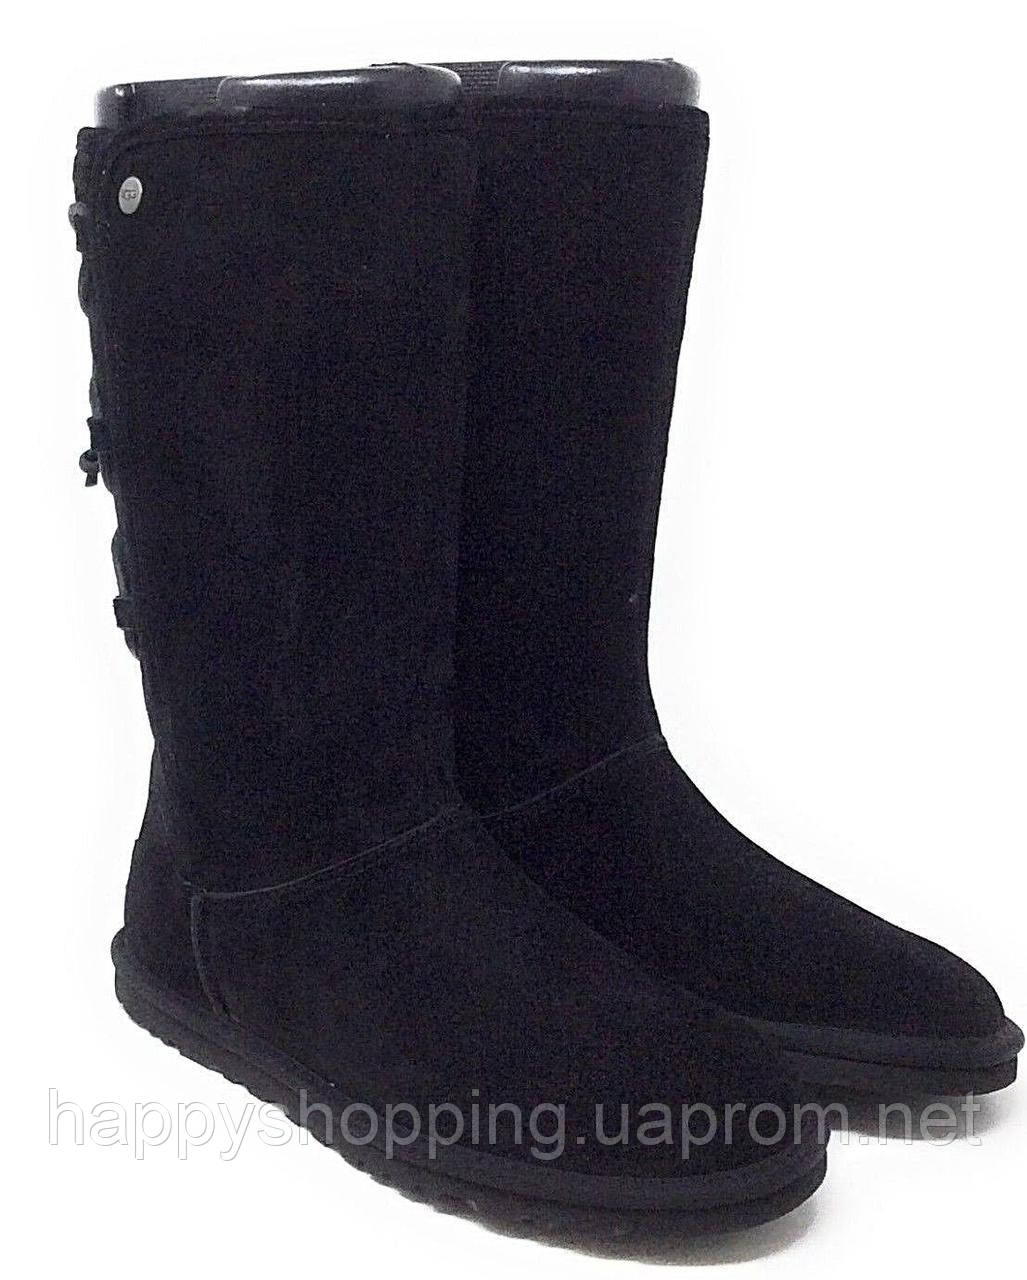 Женские оригинальные черные  замшевые сапоги UGG